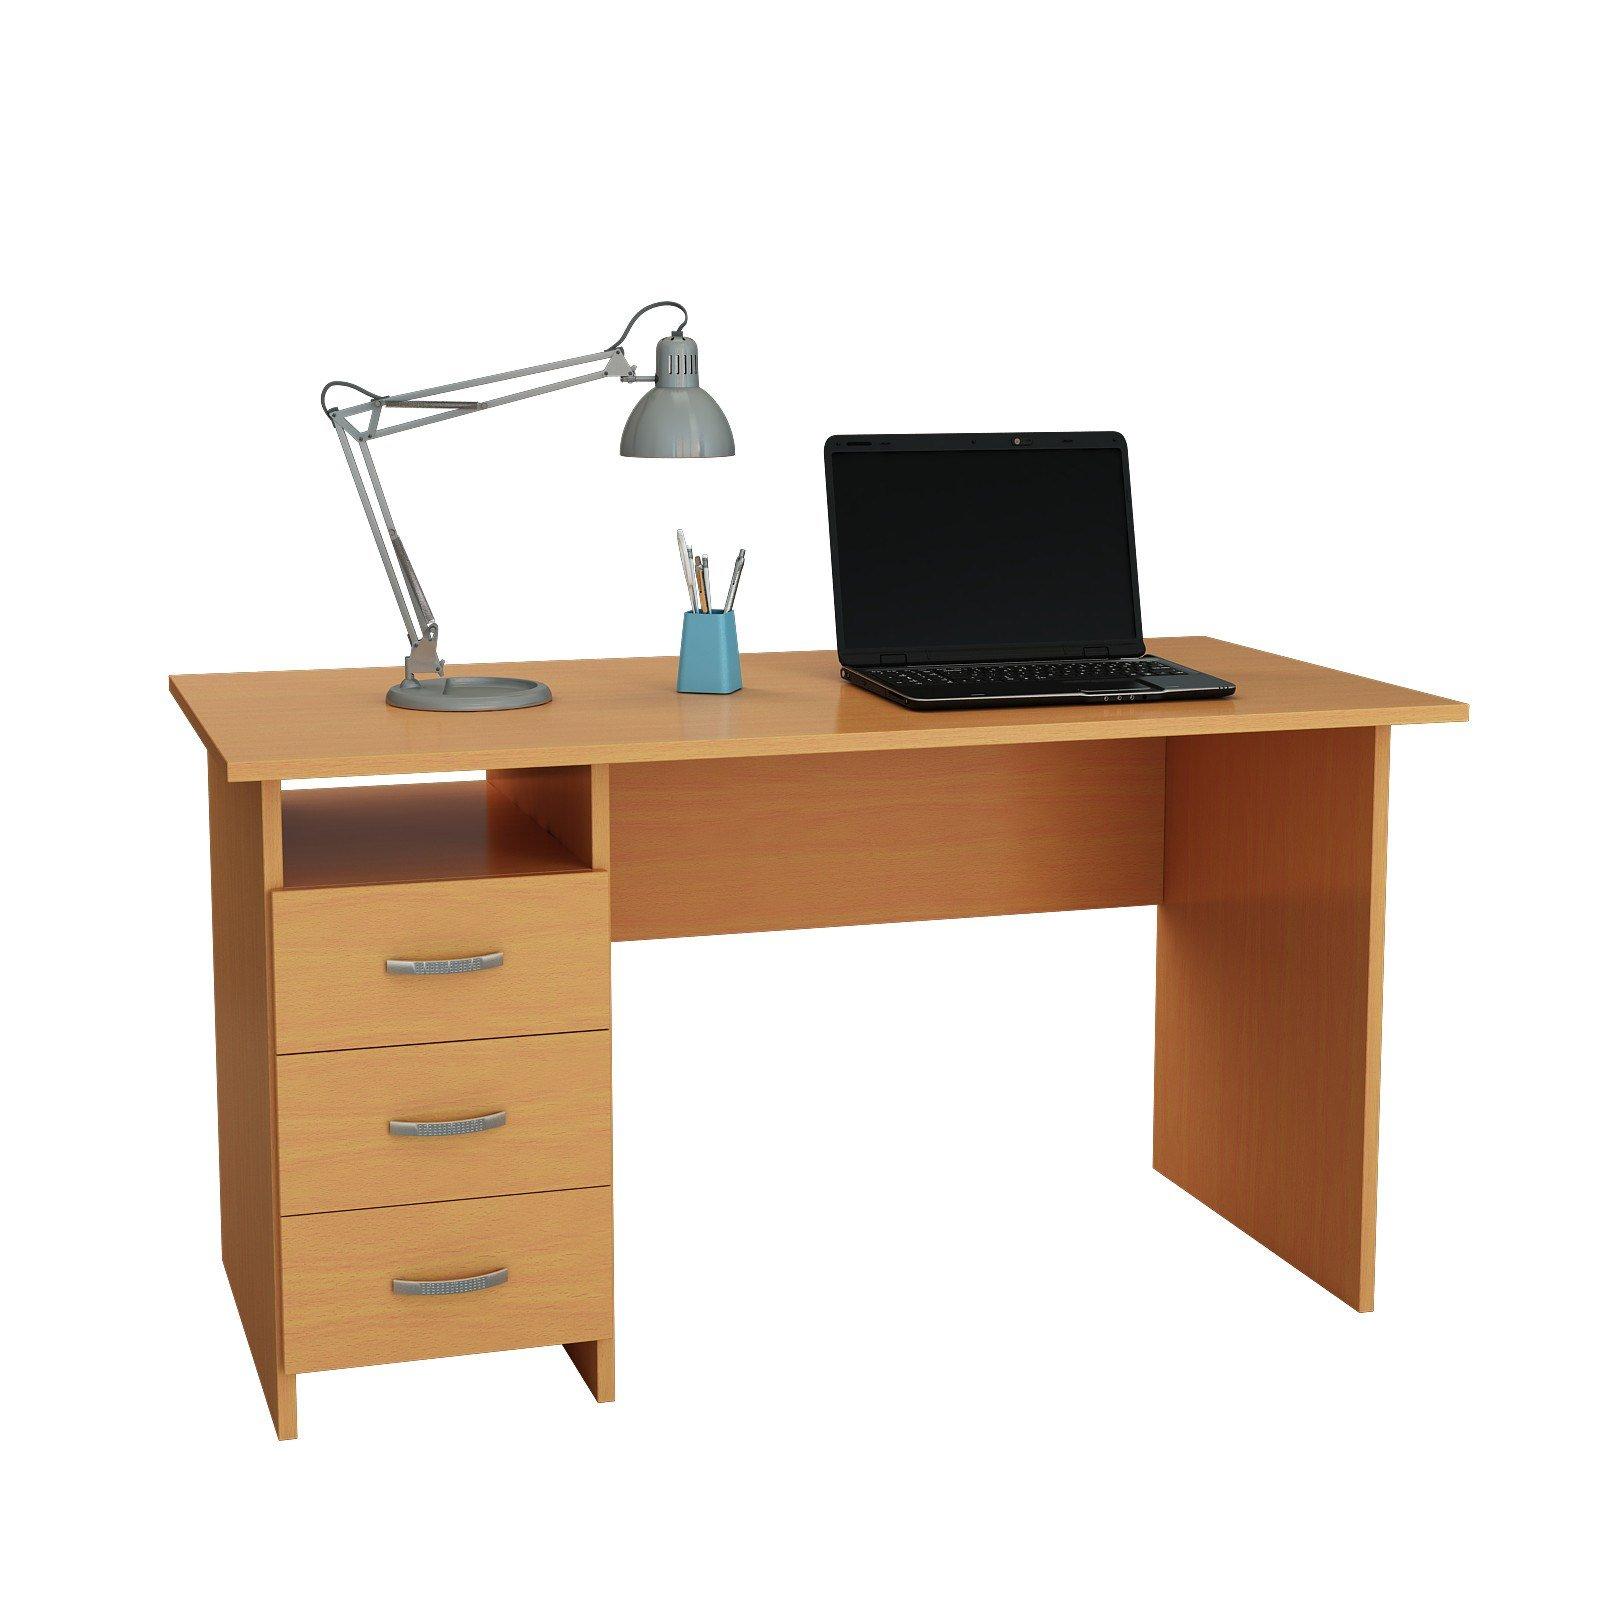 Купить компьютерный стол Прато недорого в магазине komodmsk.ru